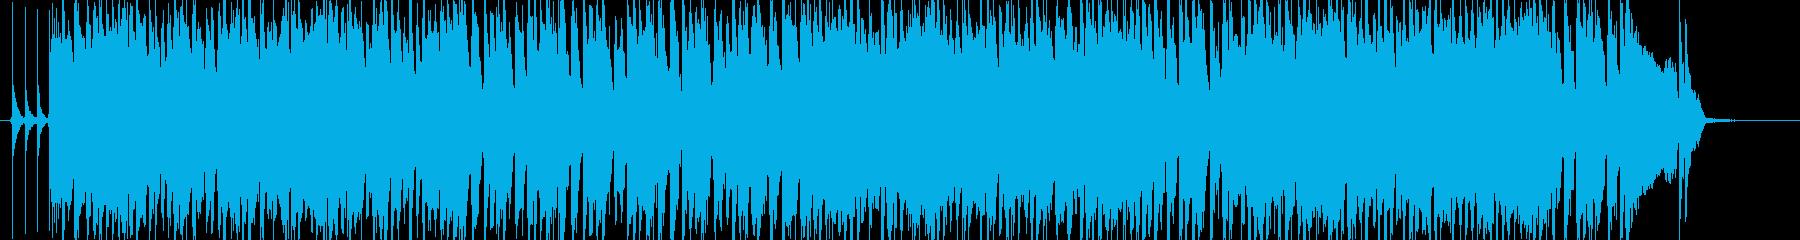 ピアノメインの昔懐かしいバンドサウンドの再生済みの波形